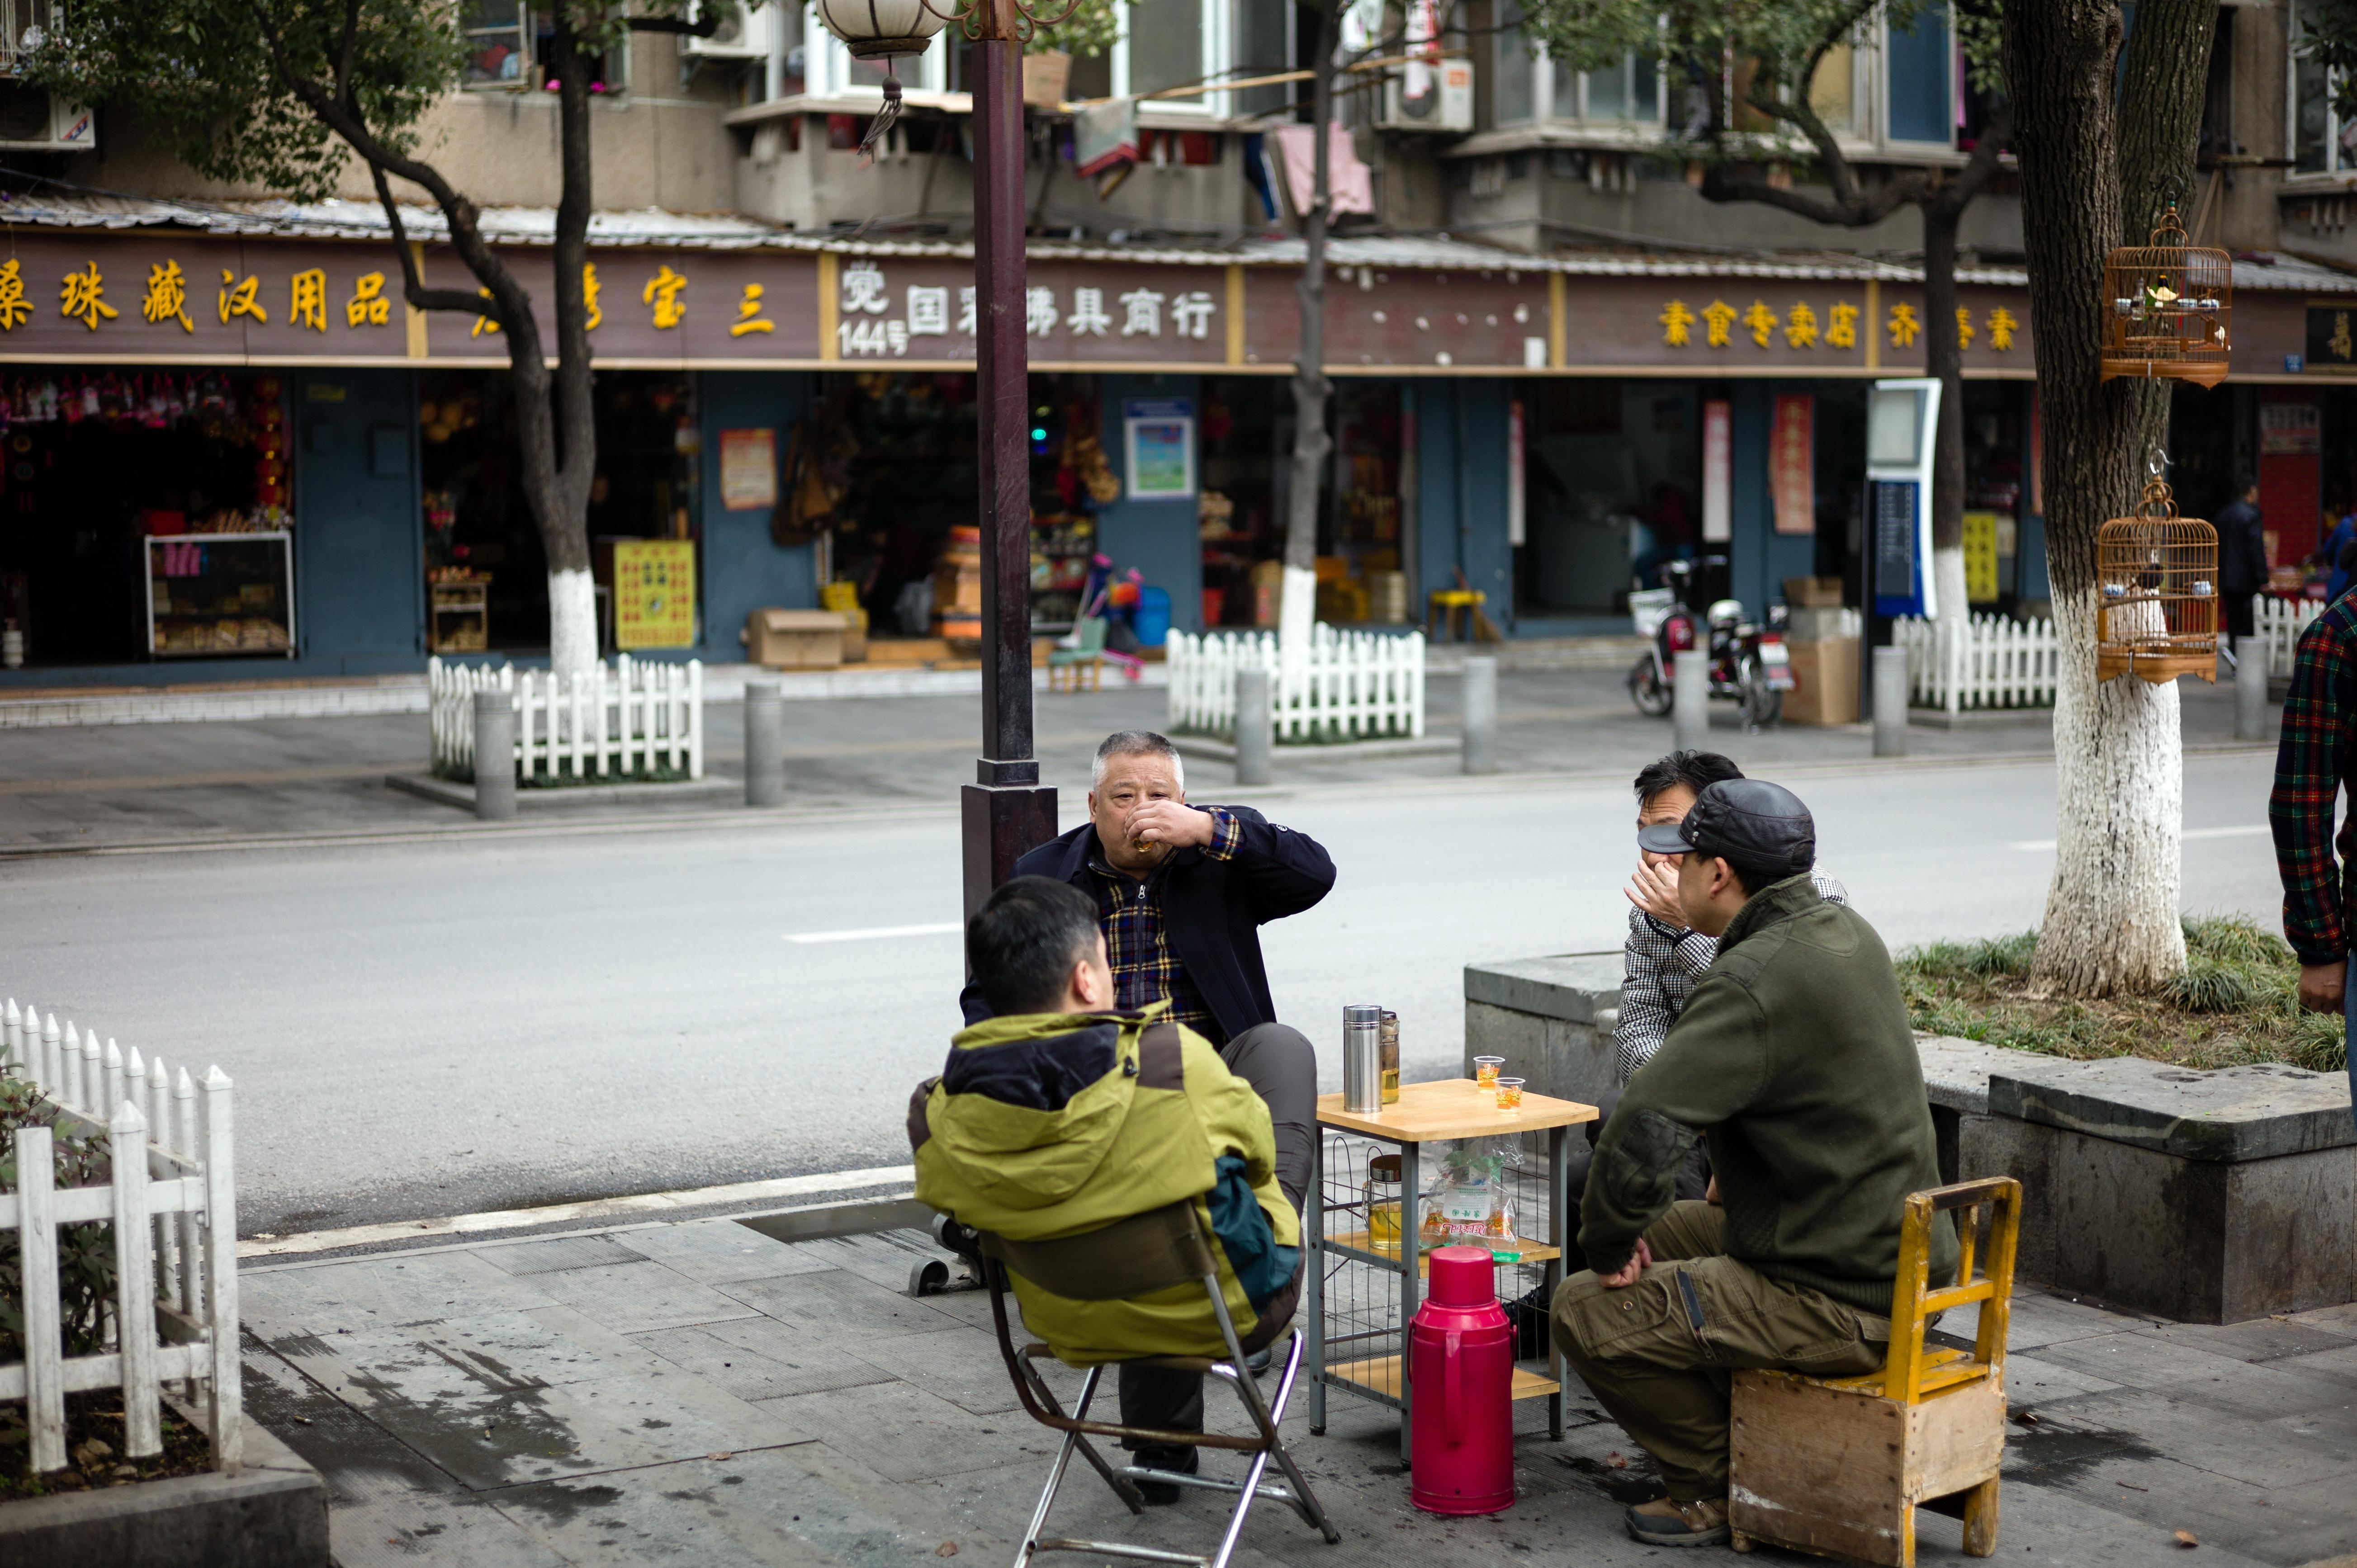 2015年,谌毅拍摄于汉阳归元寺地区,如今这里已拆迁,只留下了归元寺。